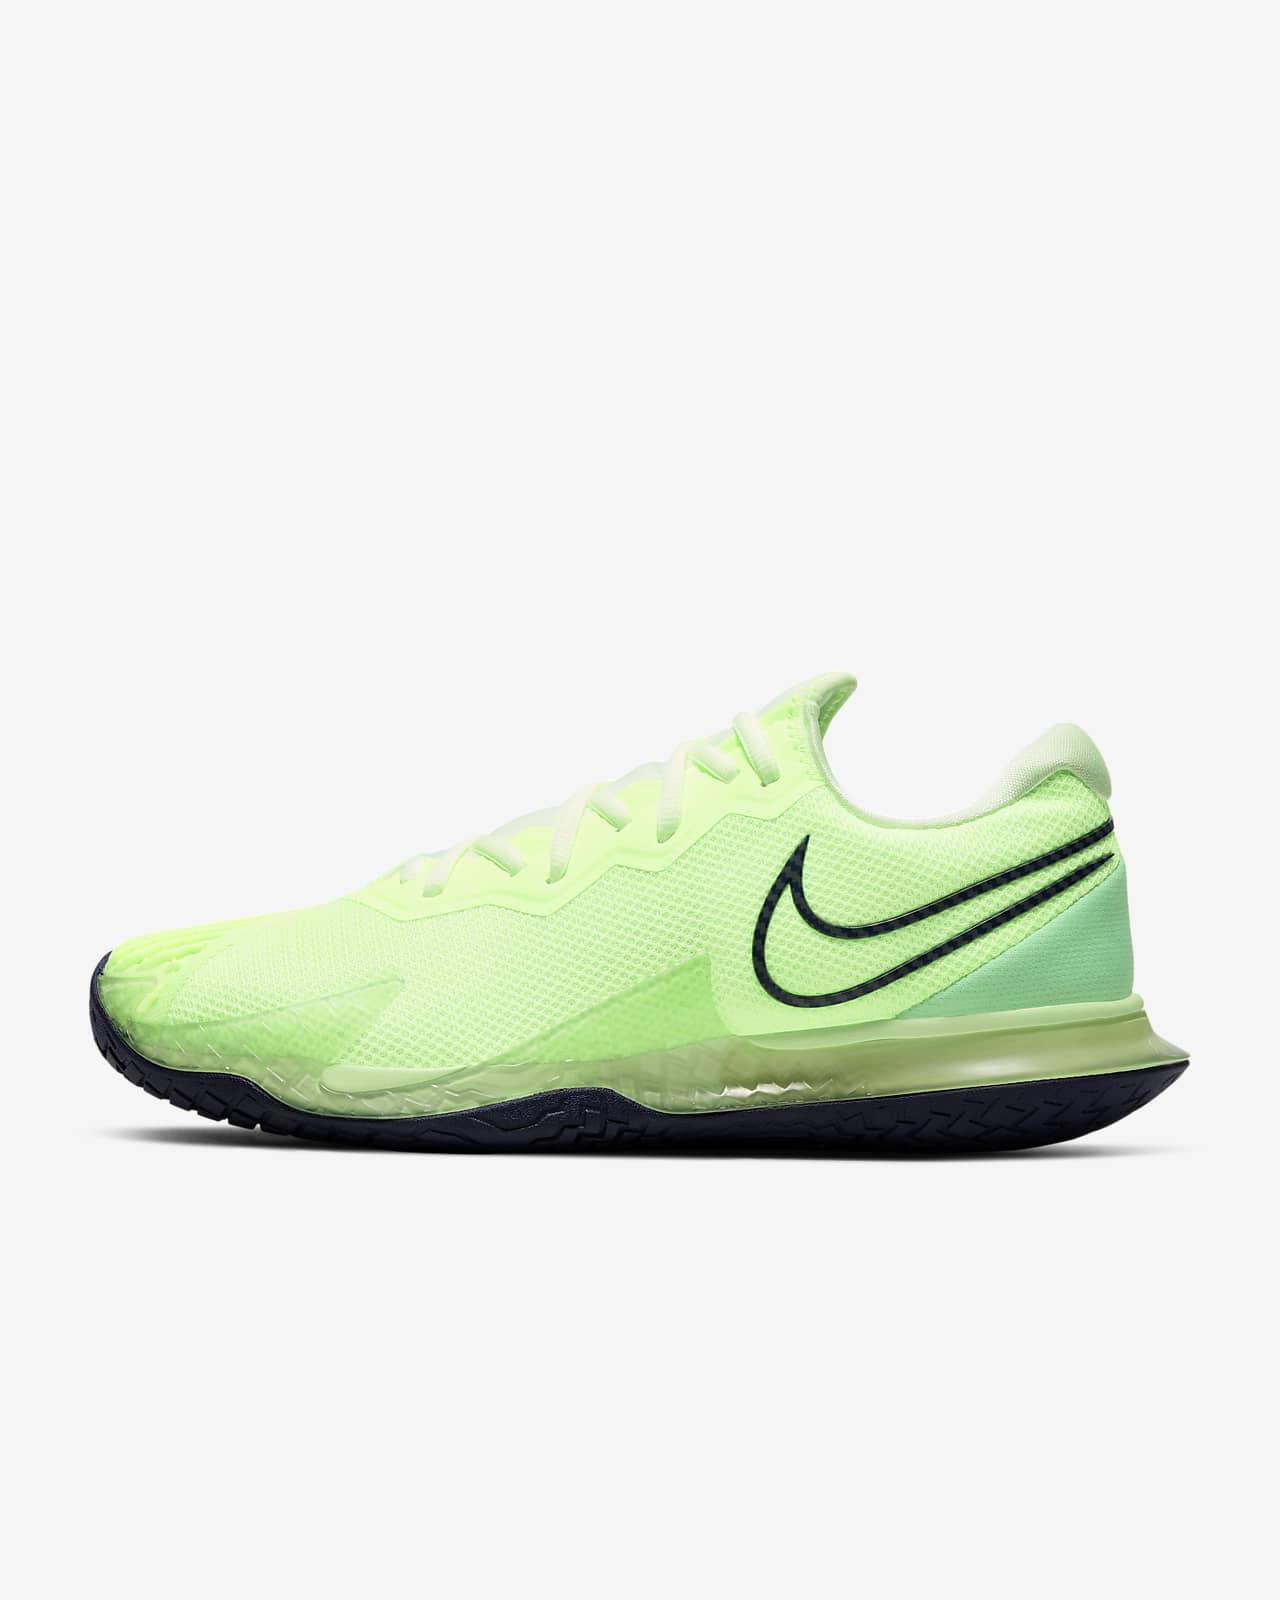 Męskie buty do tenisa na twarde korty NikeCourt Air Zoom Vapor Cage 4